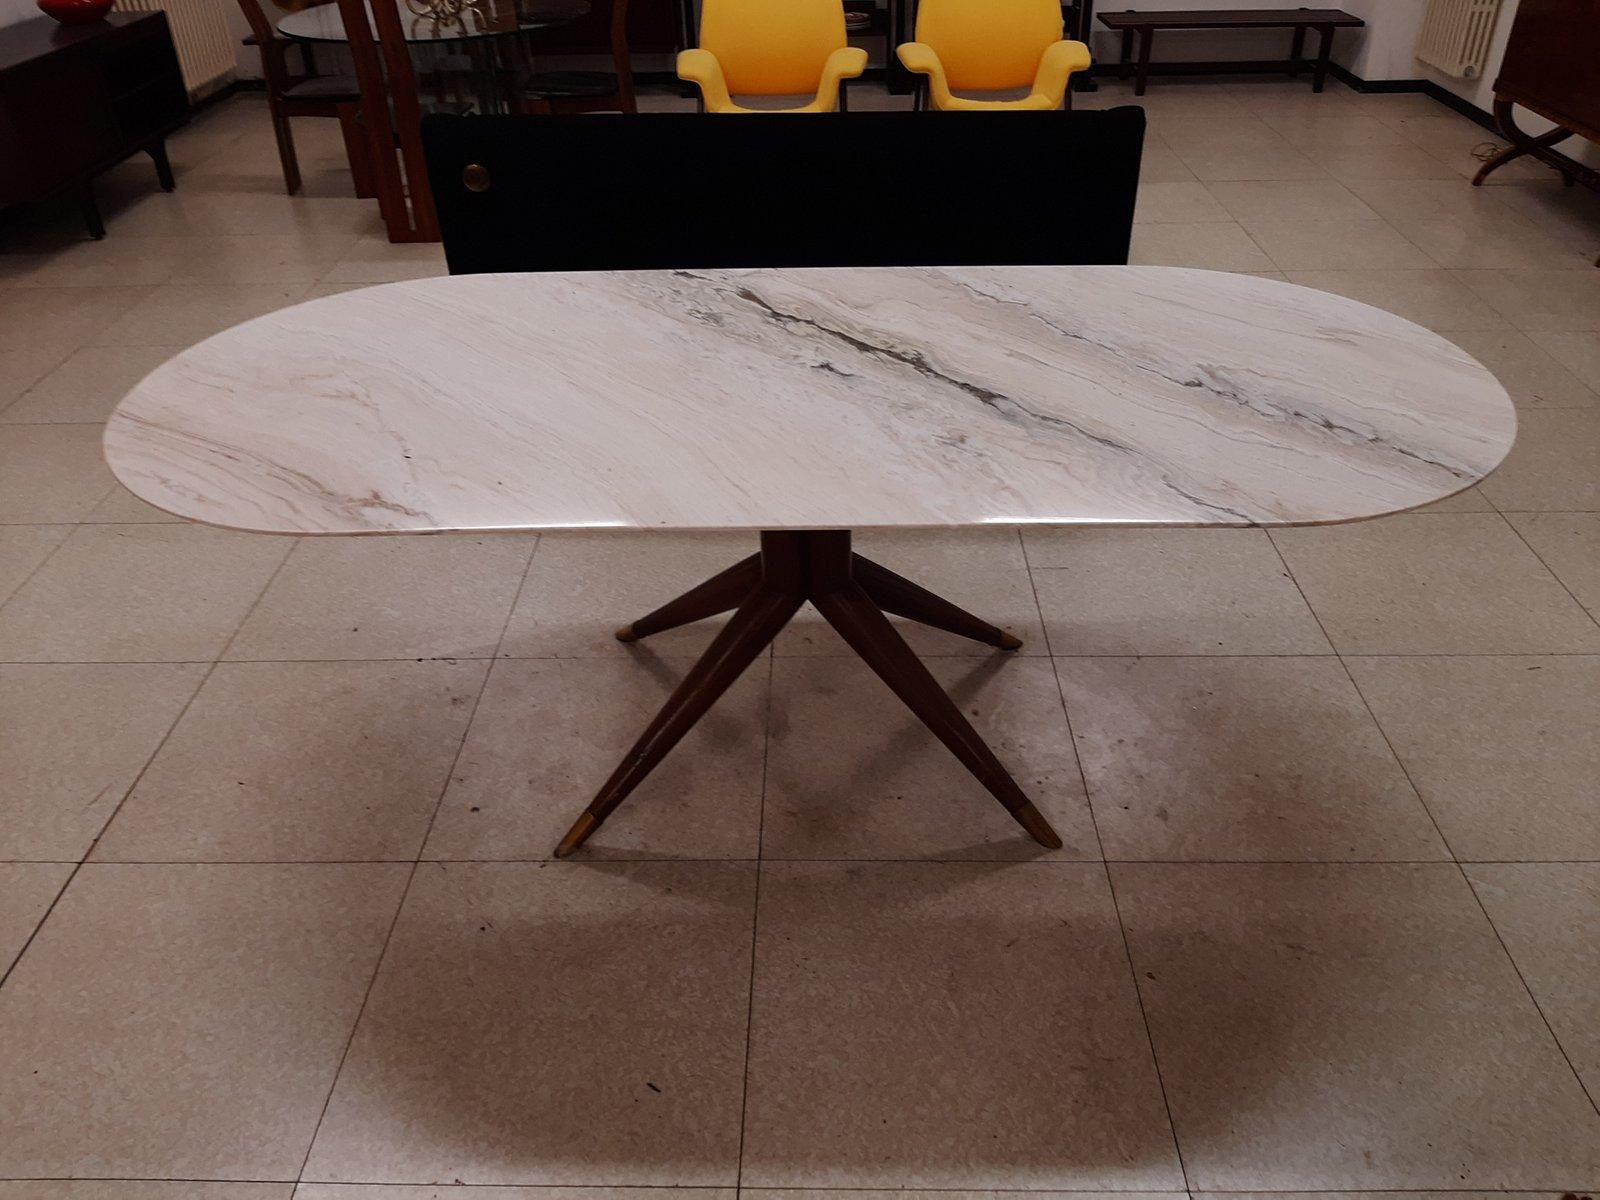 Tavolo Da Pranzo In Legno Massiccio E Ottone Con Ripiano In Marmo Bianco Anni 50 In Vendita Su Pamono